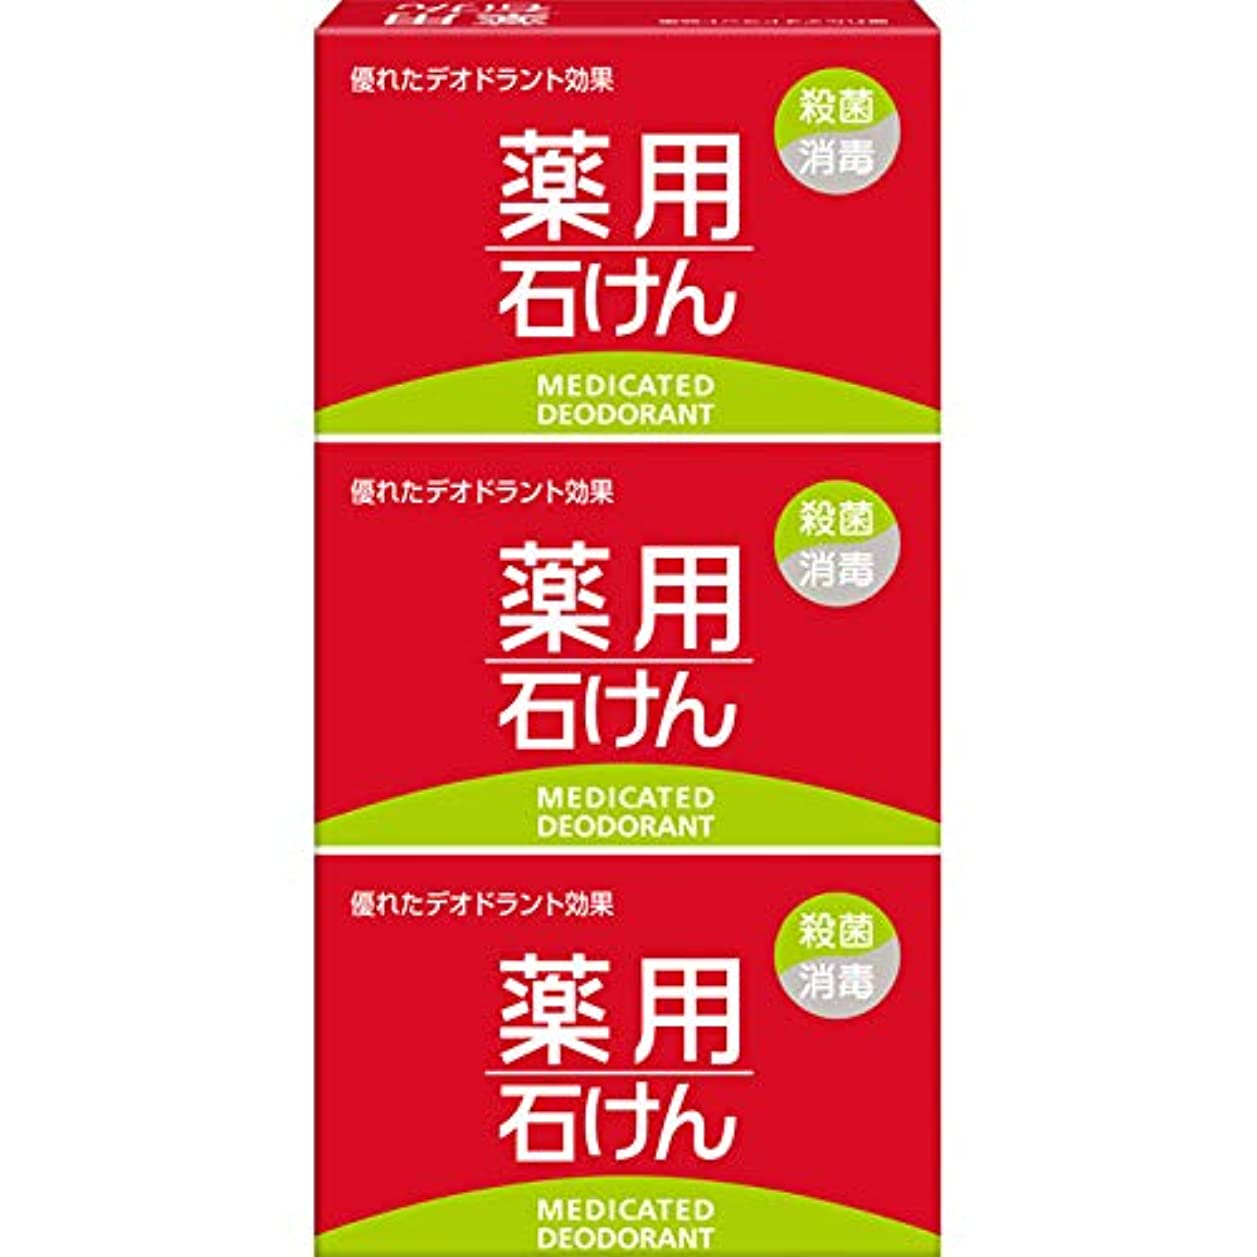 教え信頼疑わしいMK 薬用石けん 100g×3個 (医薬部外品)